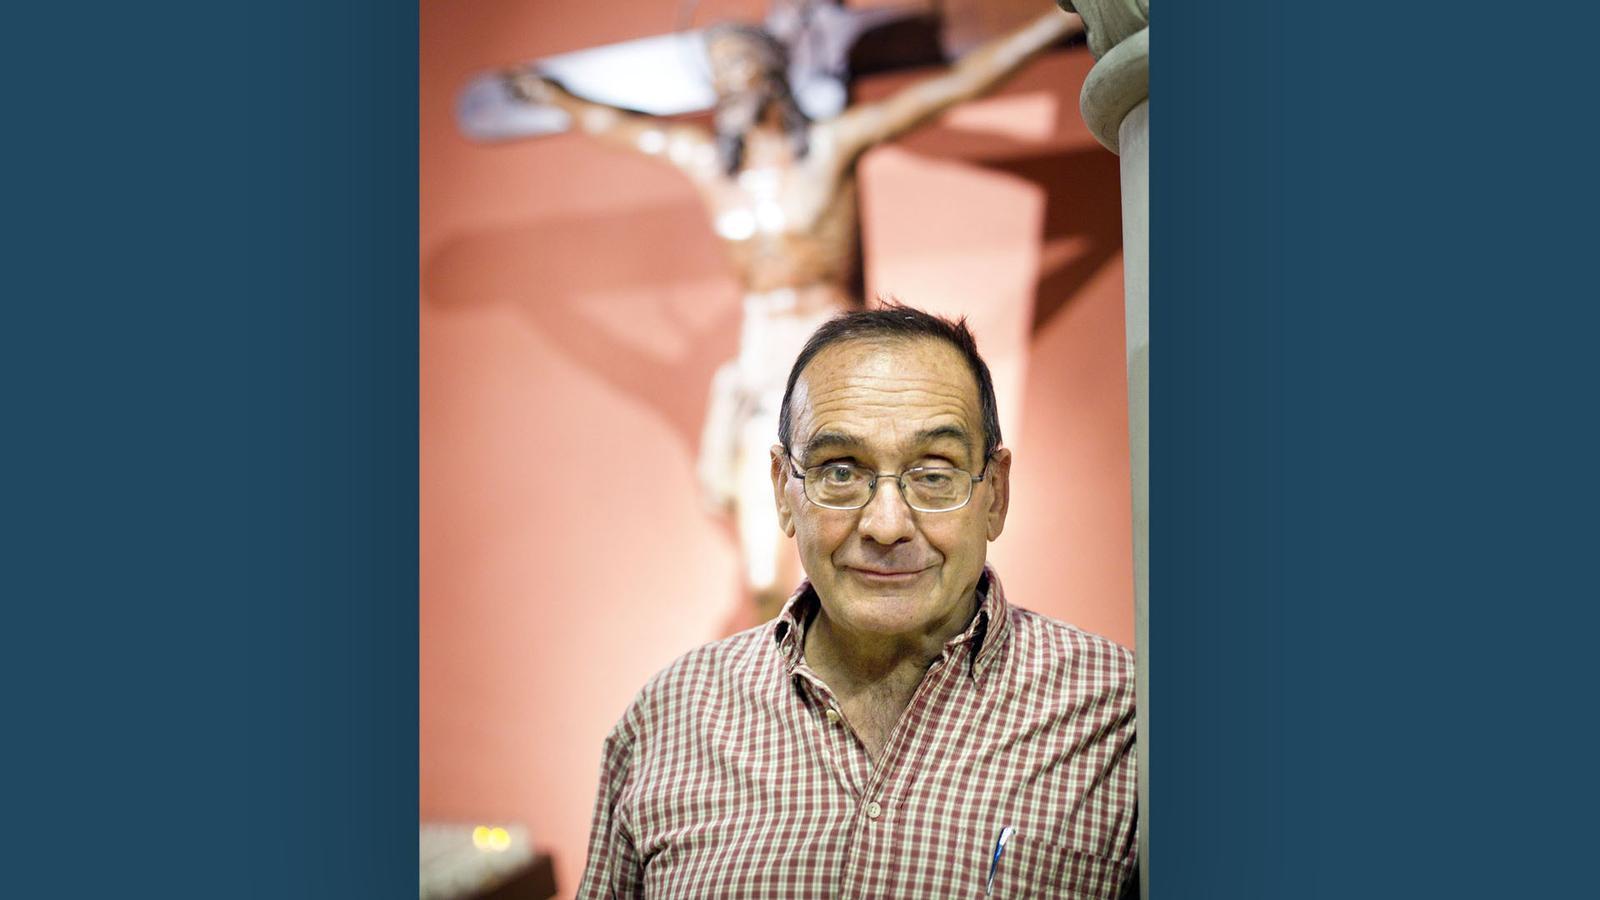 Què diu la llei de lloguers, 53.266 euros de fons reservats per espiar Bárcenas, mor el pare Manel i inaugurada la Setmana del Llibre en Català: les claus del dia, amb Antoni Bassas (10/09/2020)